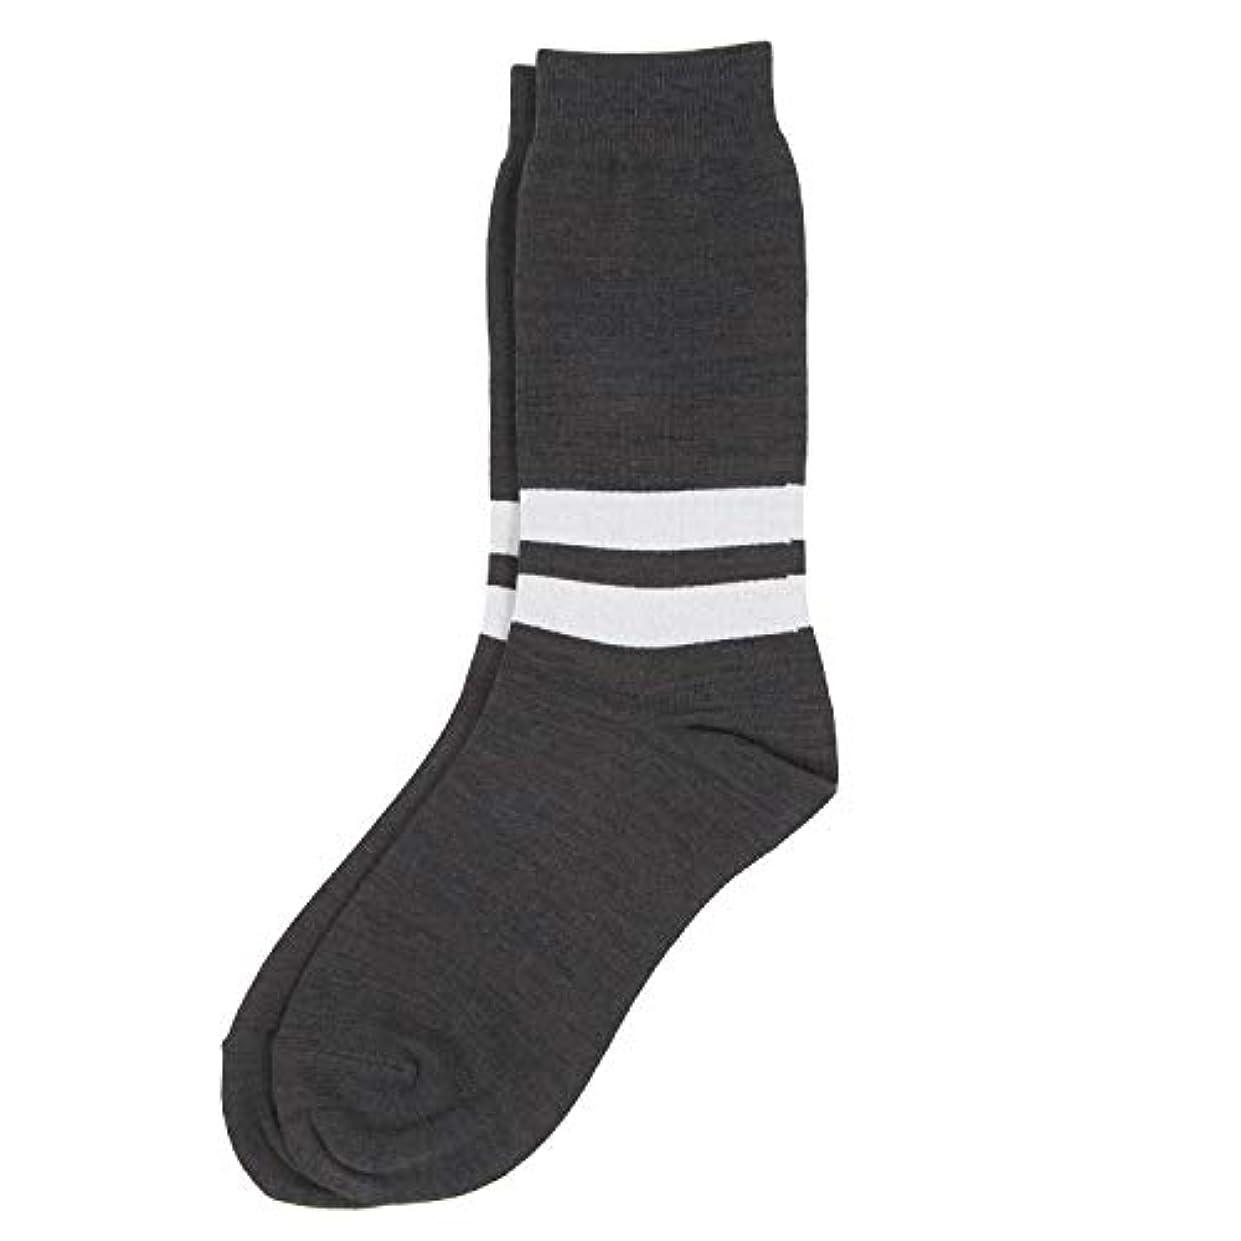 ウェイド凶暴な寄稿者Deol(デオル) ラインソックス 男性用 メンズ [足のニオイ対策] 長期間持続 日本製 無地 靴下 グレー 25cm-27cm